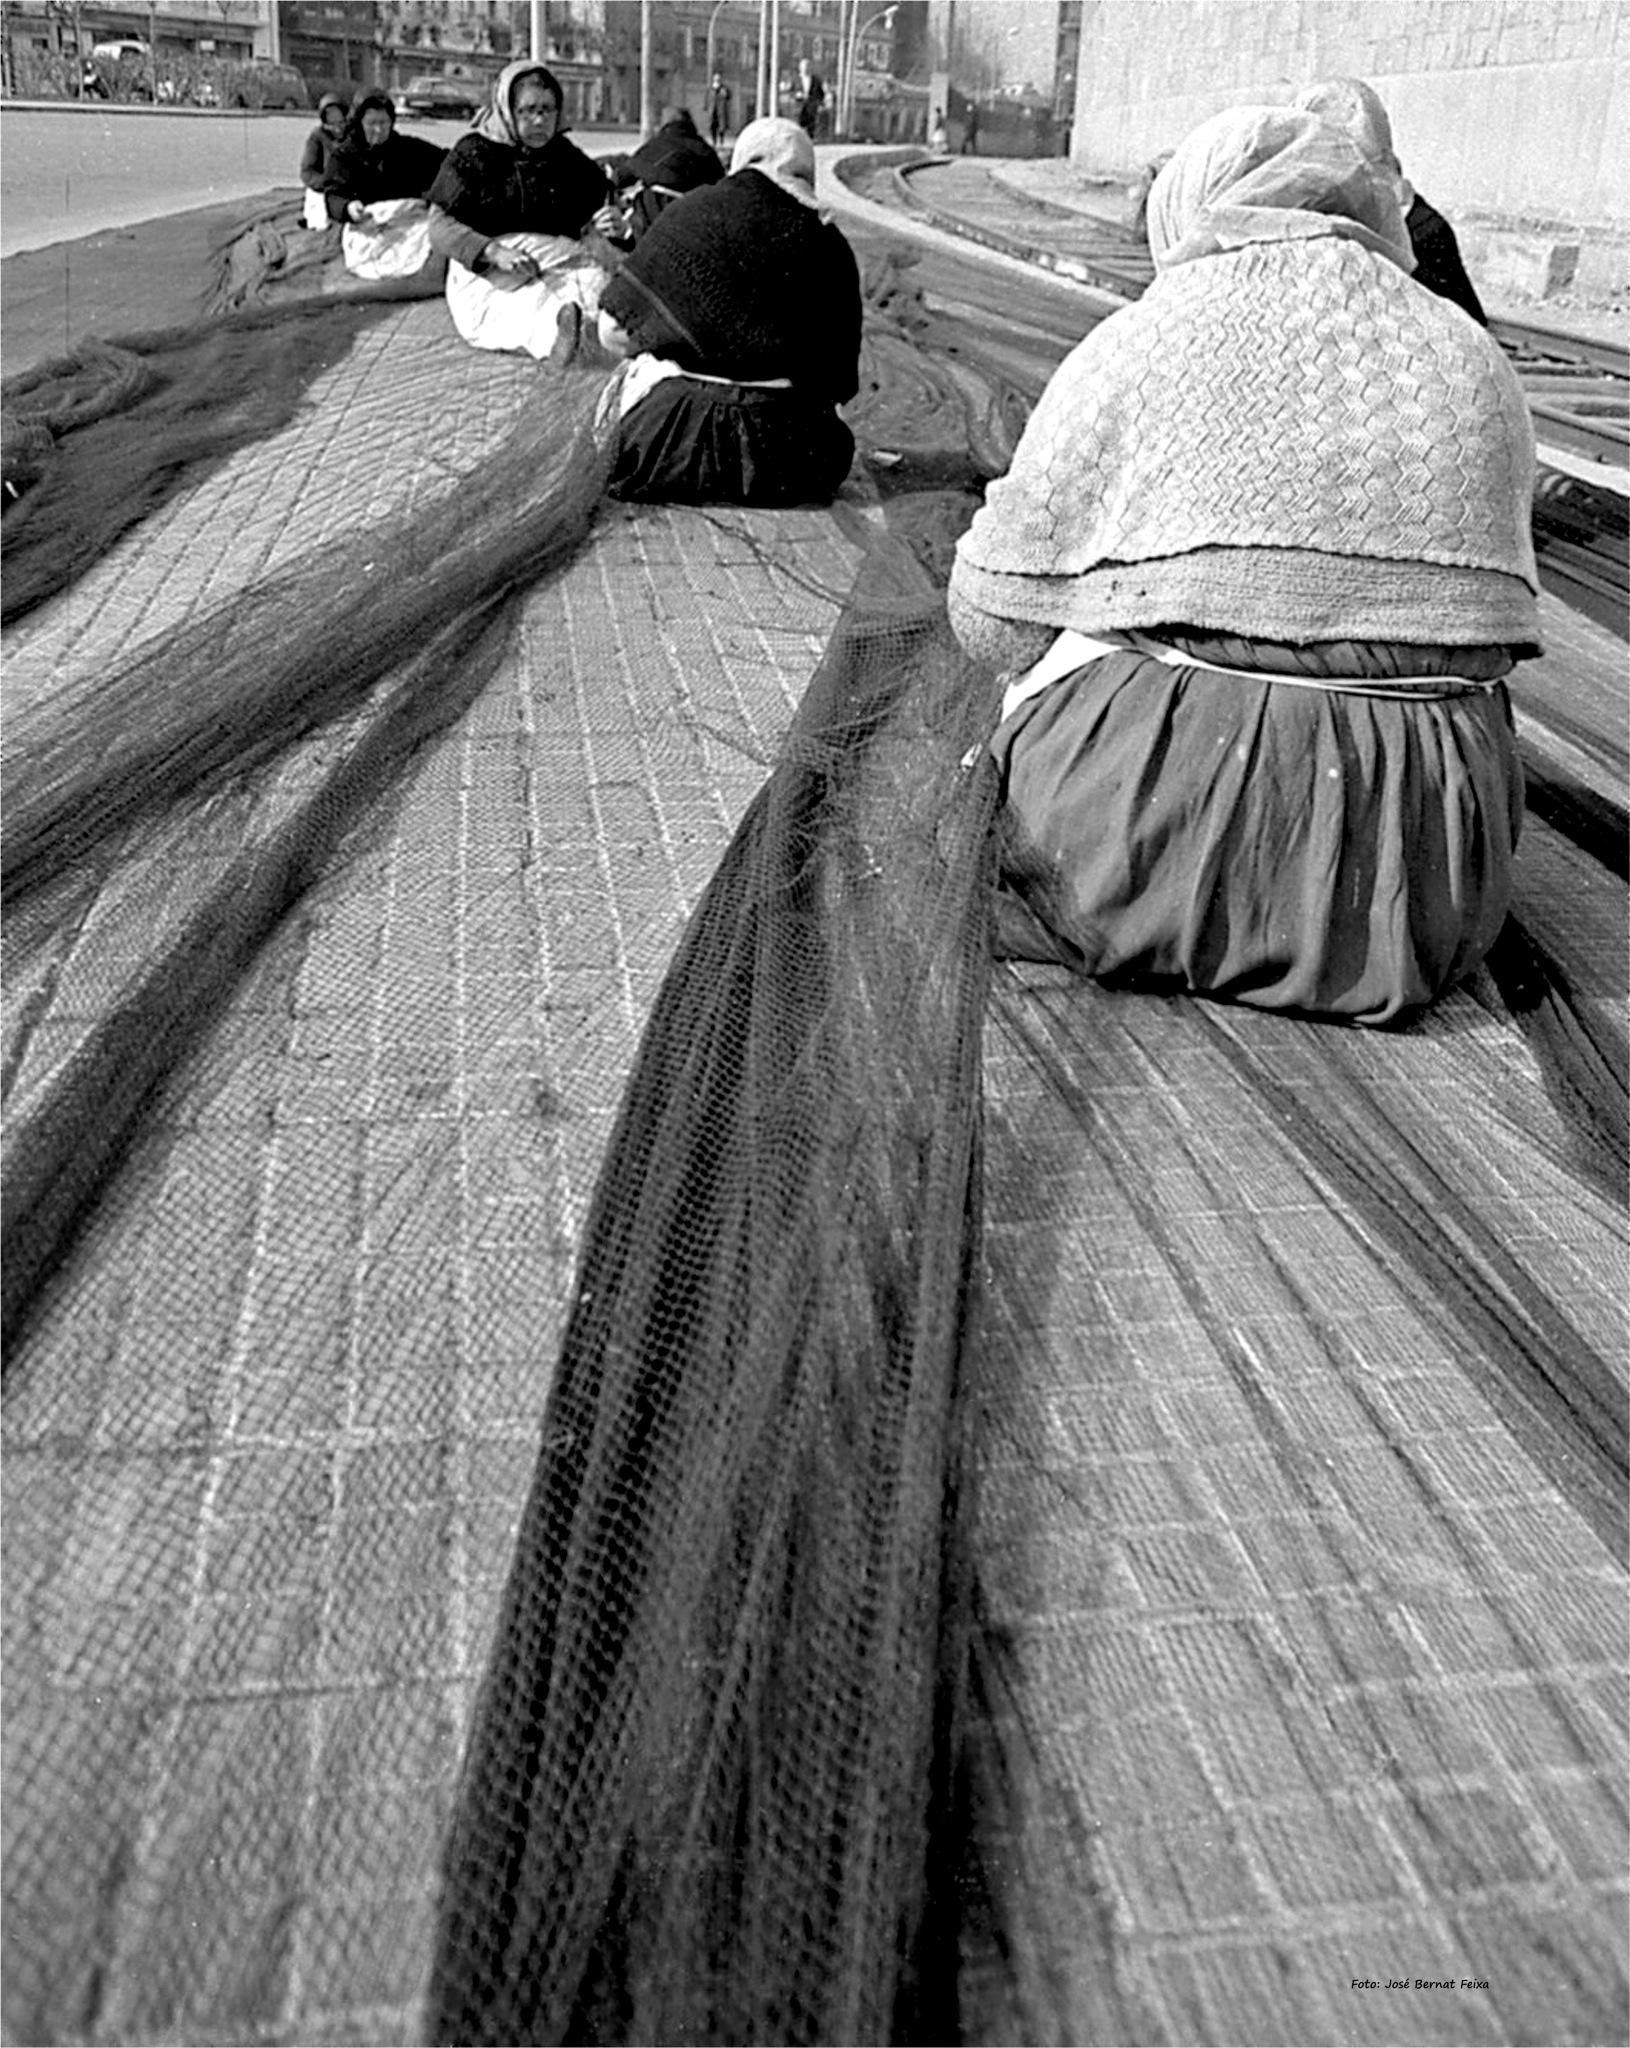 REPARANDO REDES DE PESCA ; REPARATIE VAN VISNETTEN ;  REPAIRING FISHING NETS (60's) by José Bernat Feixa